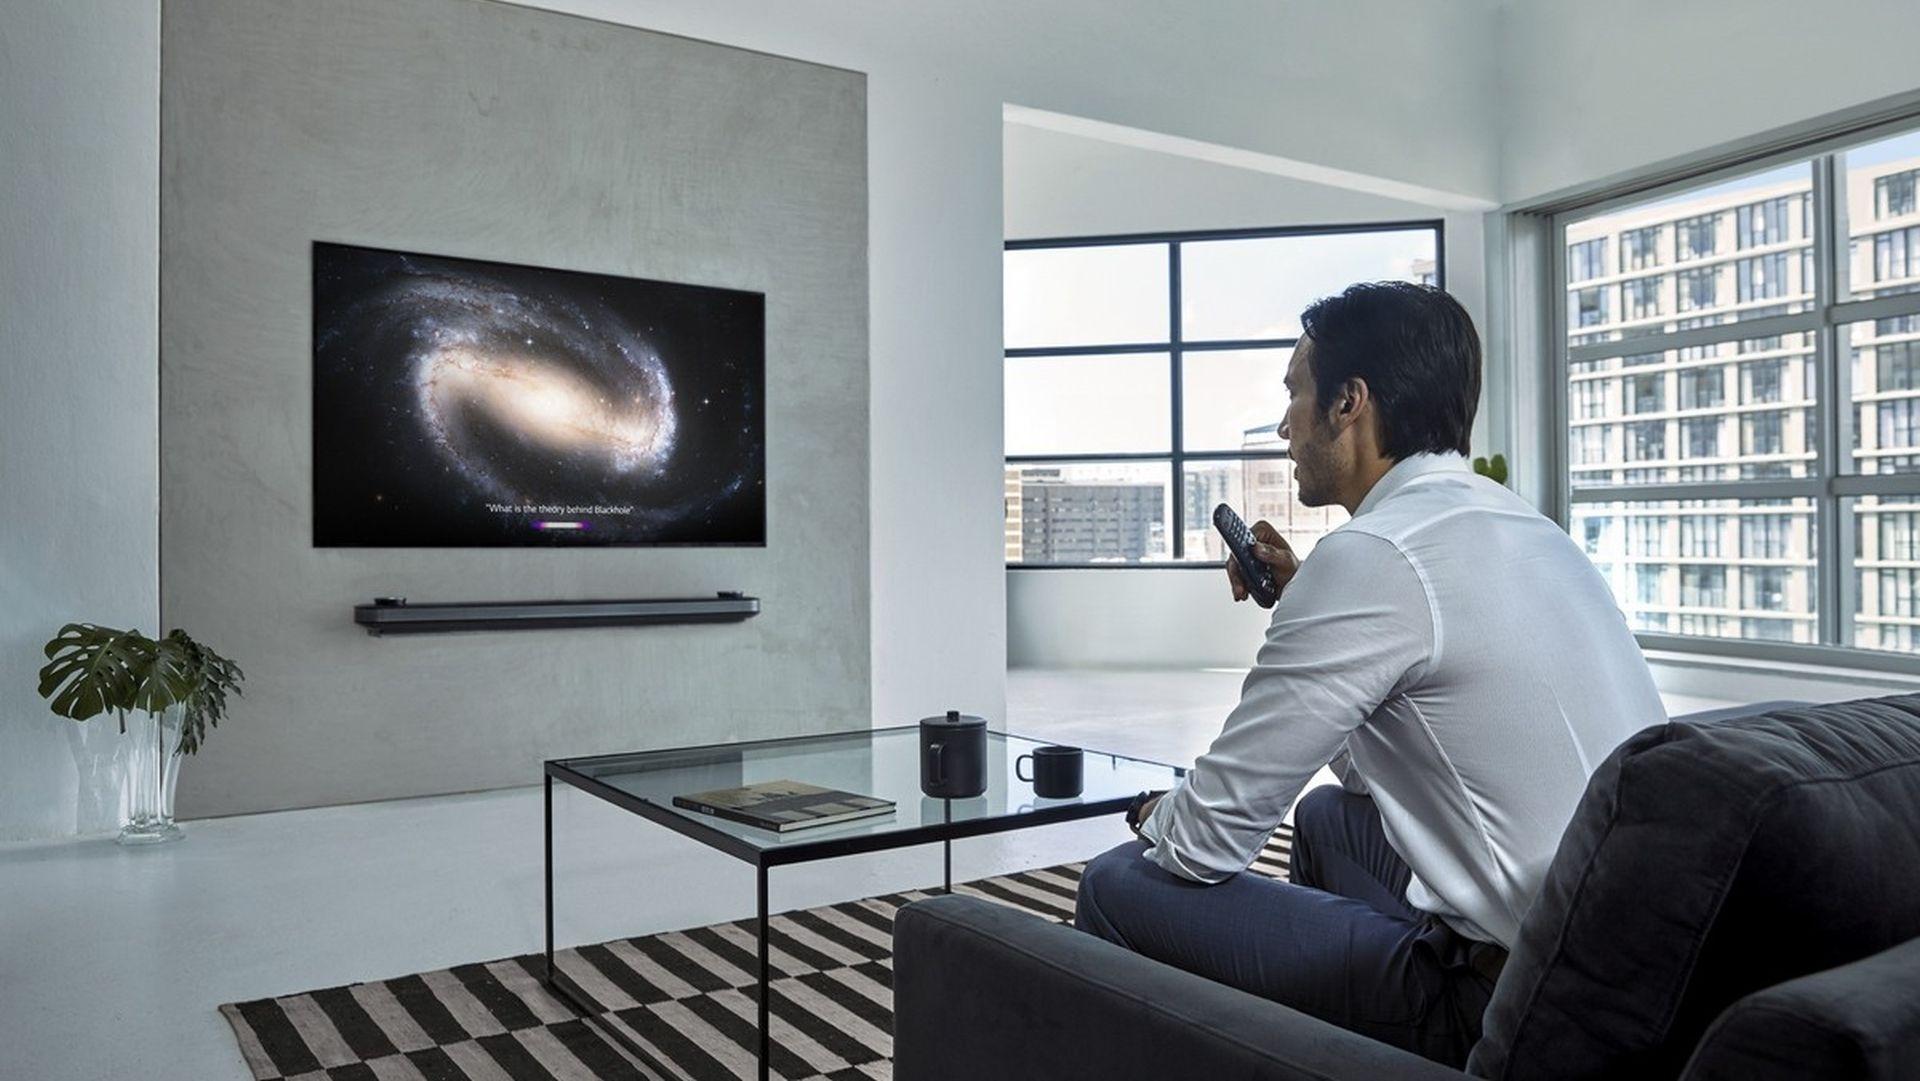 Następne telewizory LG z 2018 roku ze wsparciem dla HomeKit i AirPlay 2